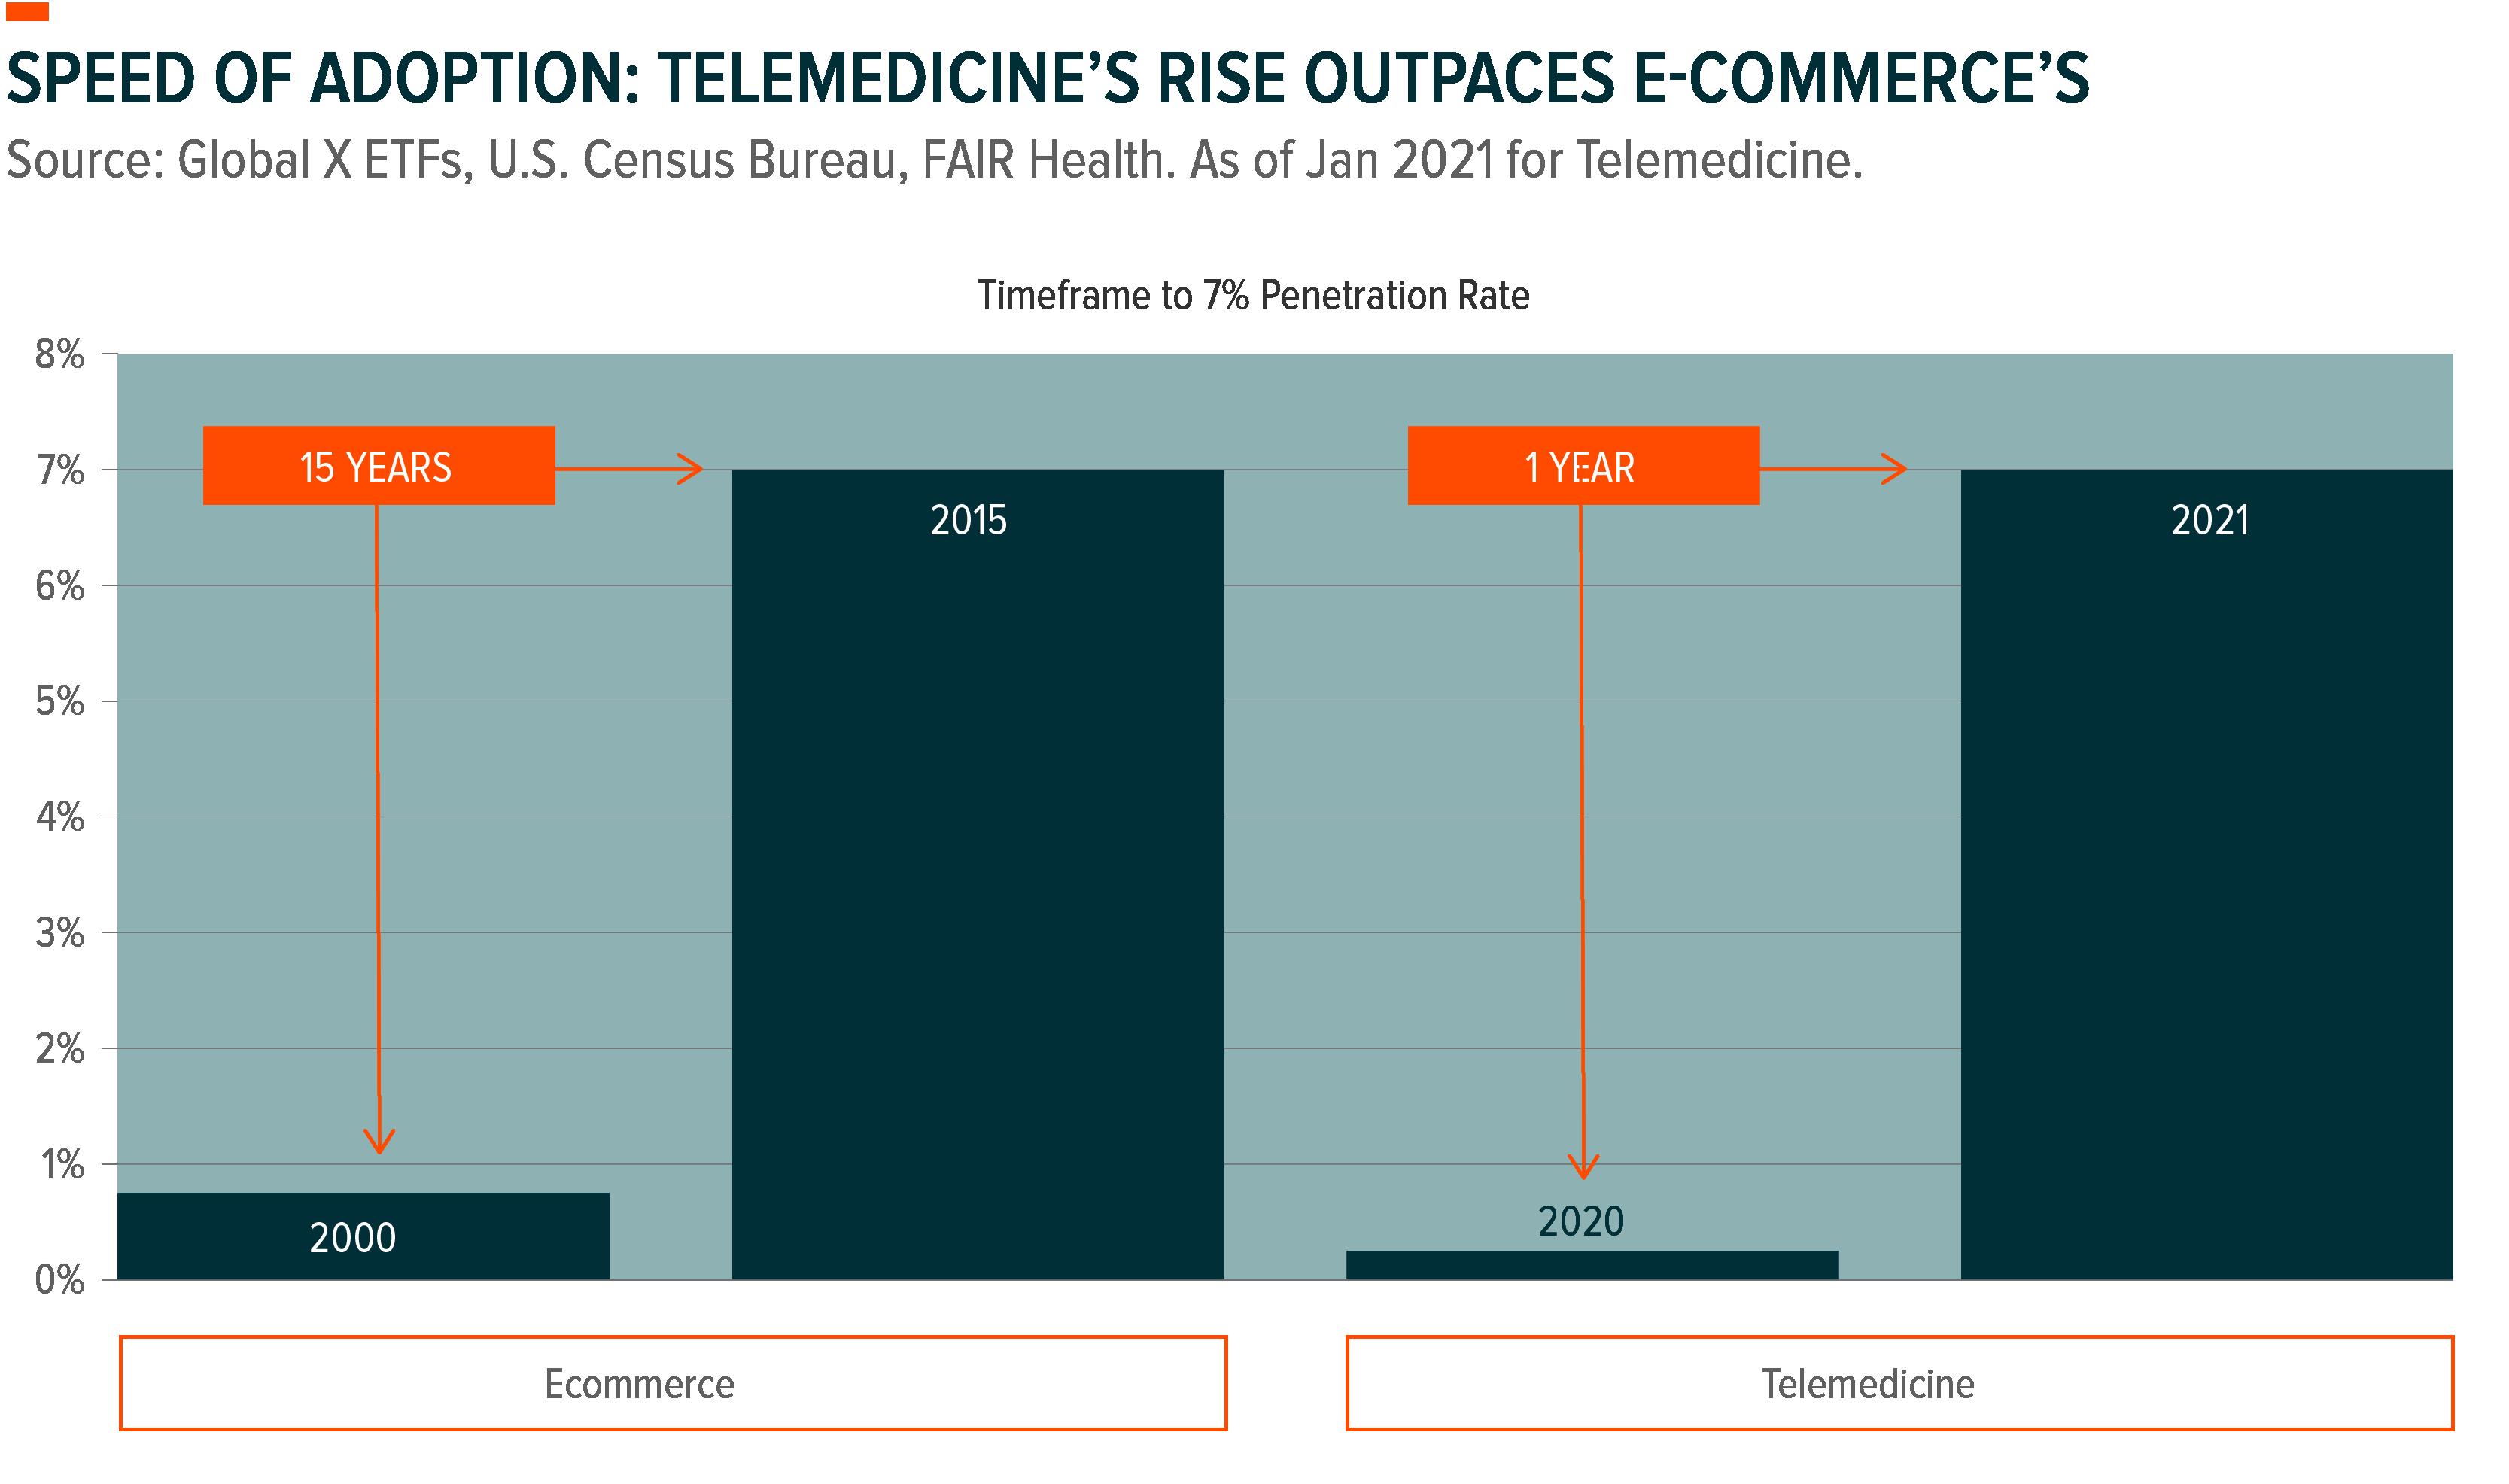 Telemedicine's rise outpaces e-commerce's